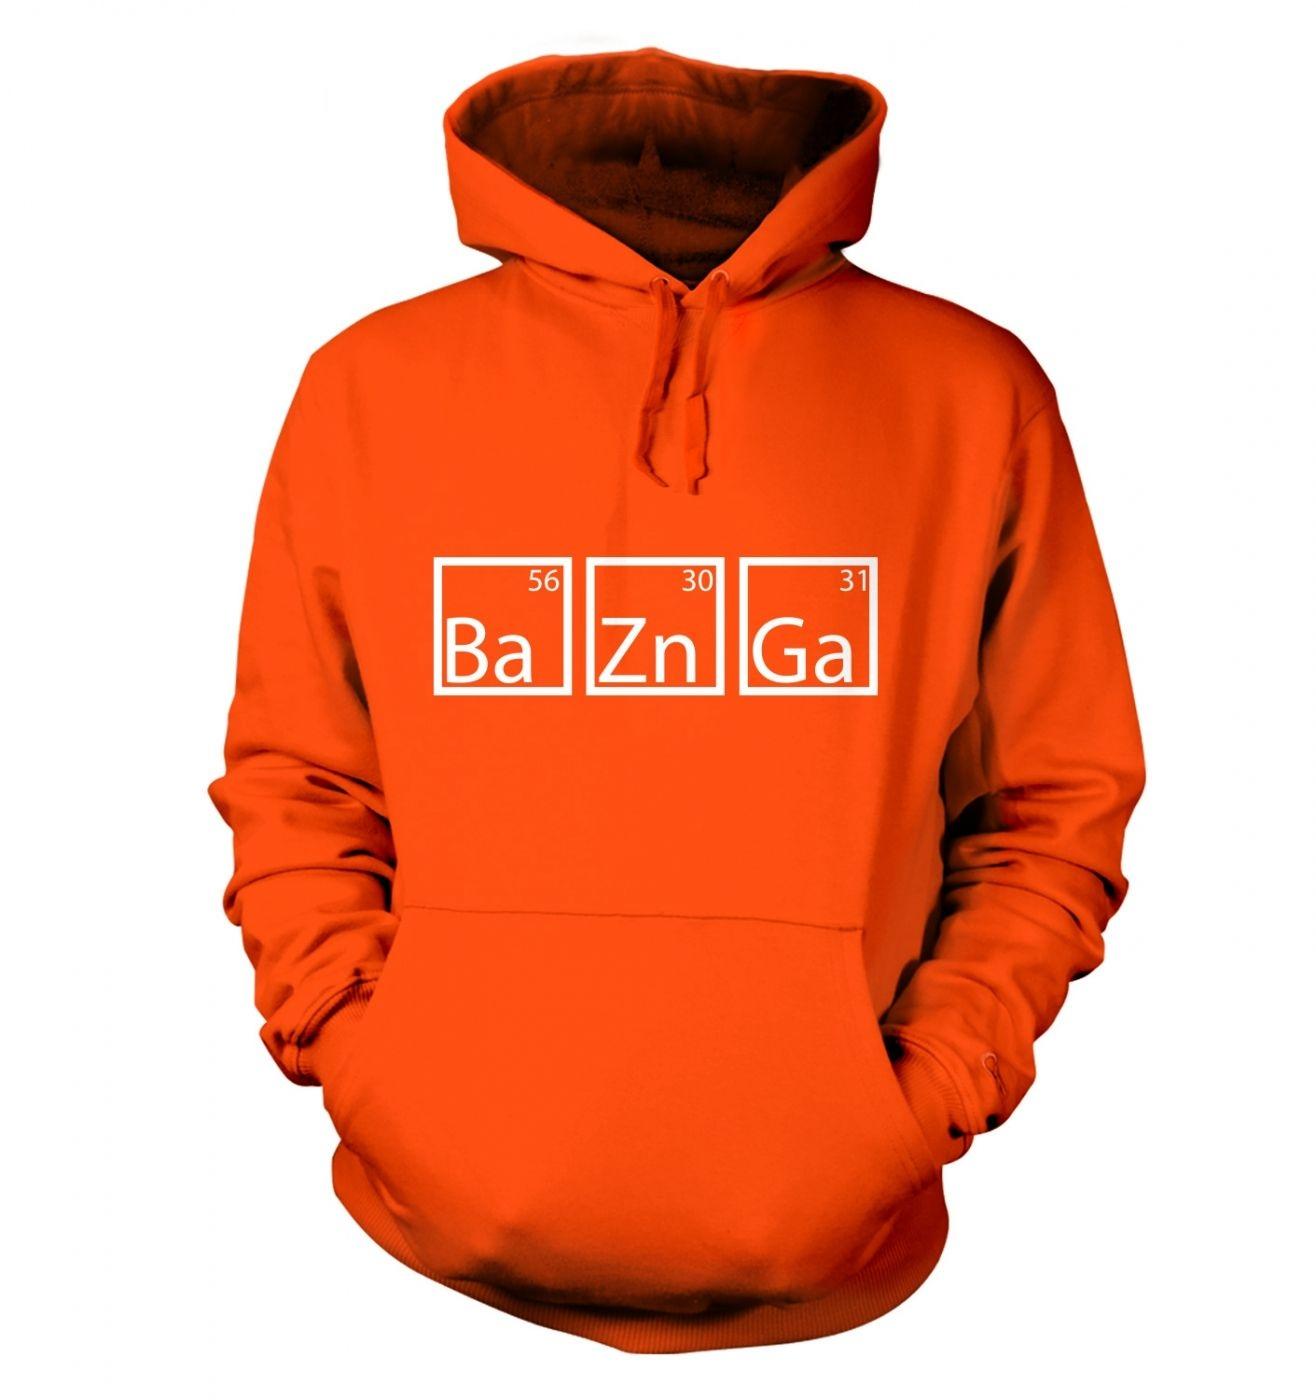 BaZnGa adult's hoodie